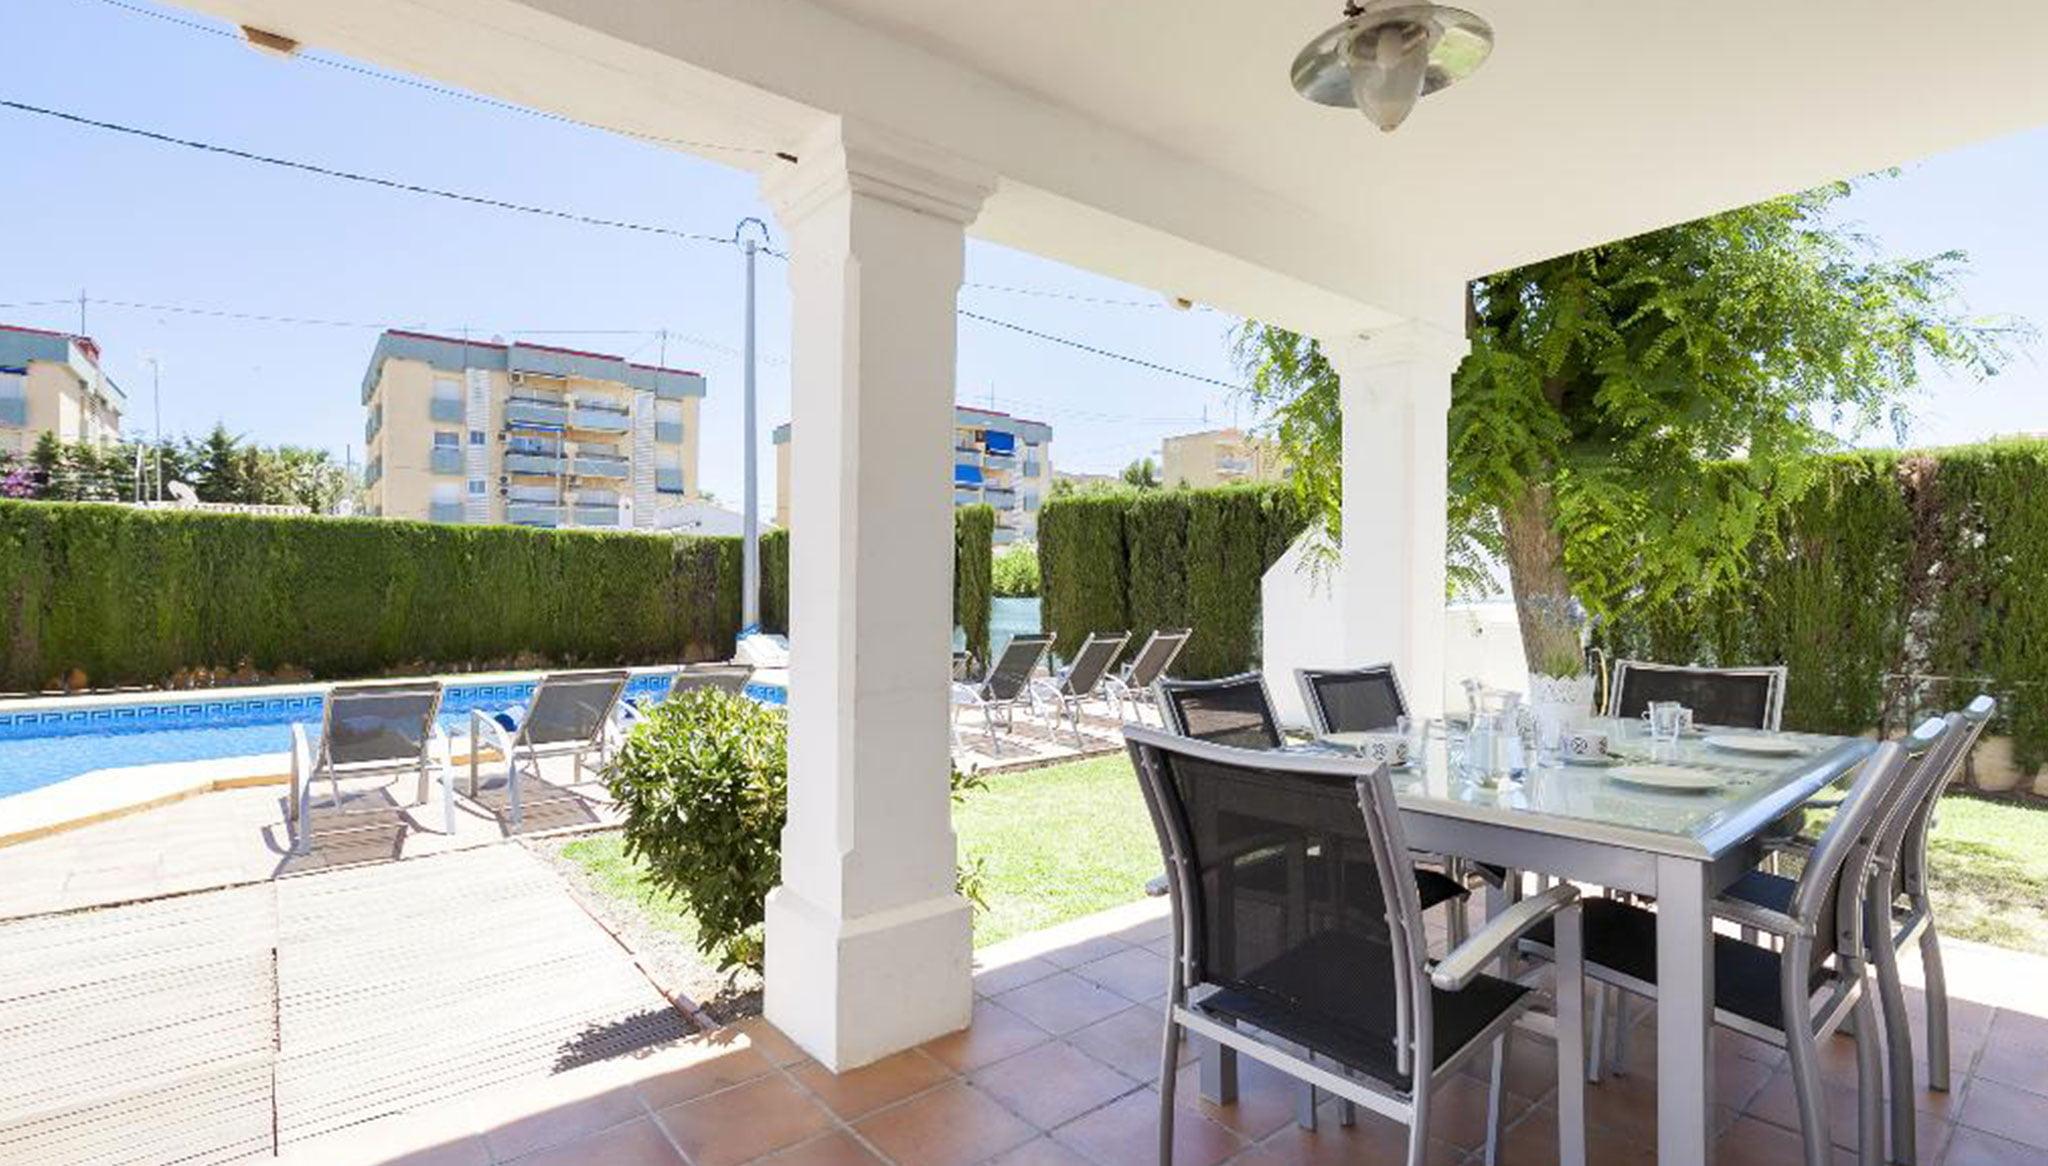 Terrassa d'un xalet de lloguer a Dénia - Quality Rent a Vila